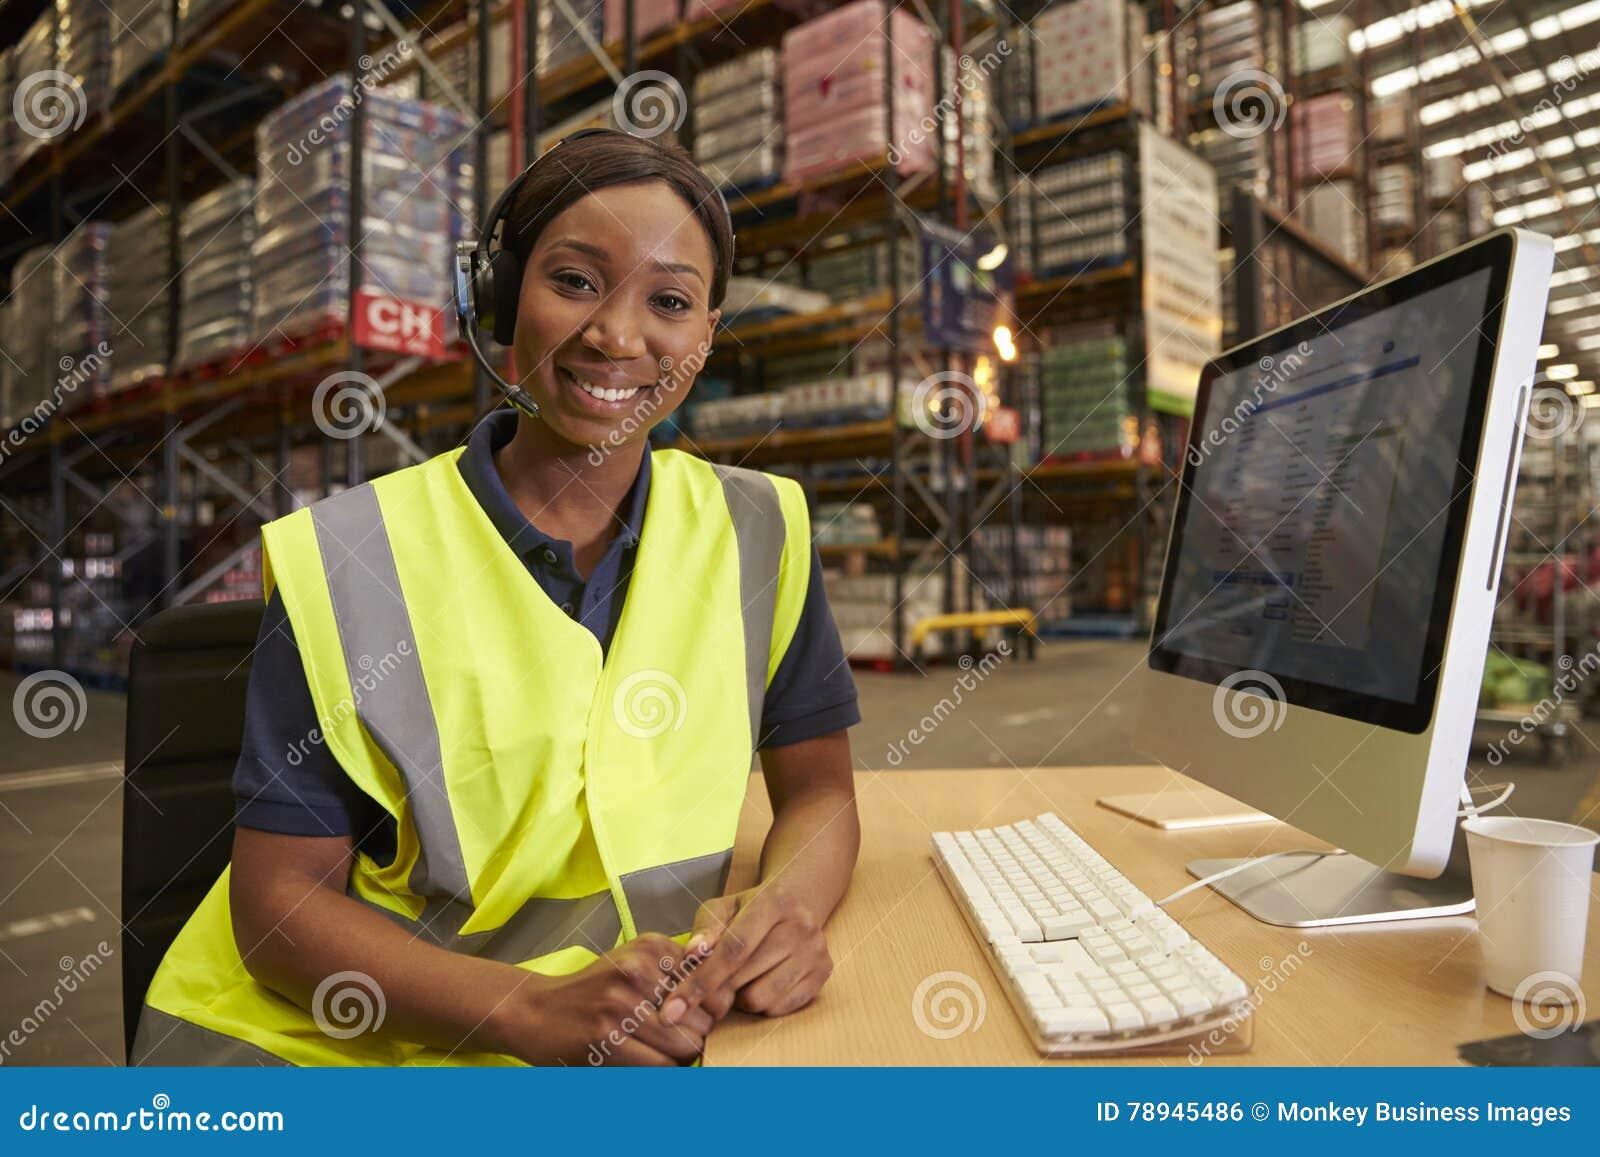 La mujer con las auriculares en una oficina del almacén mira a la cámara